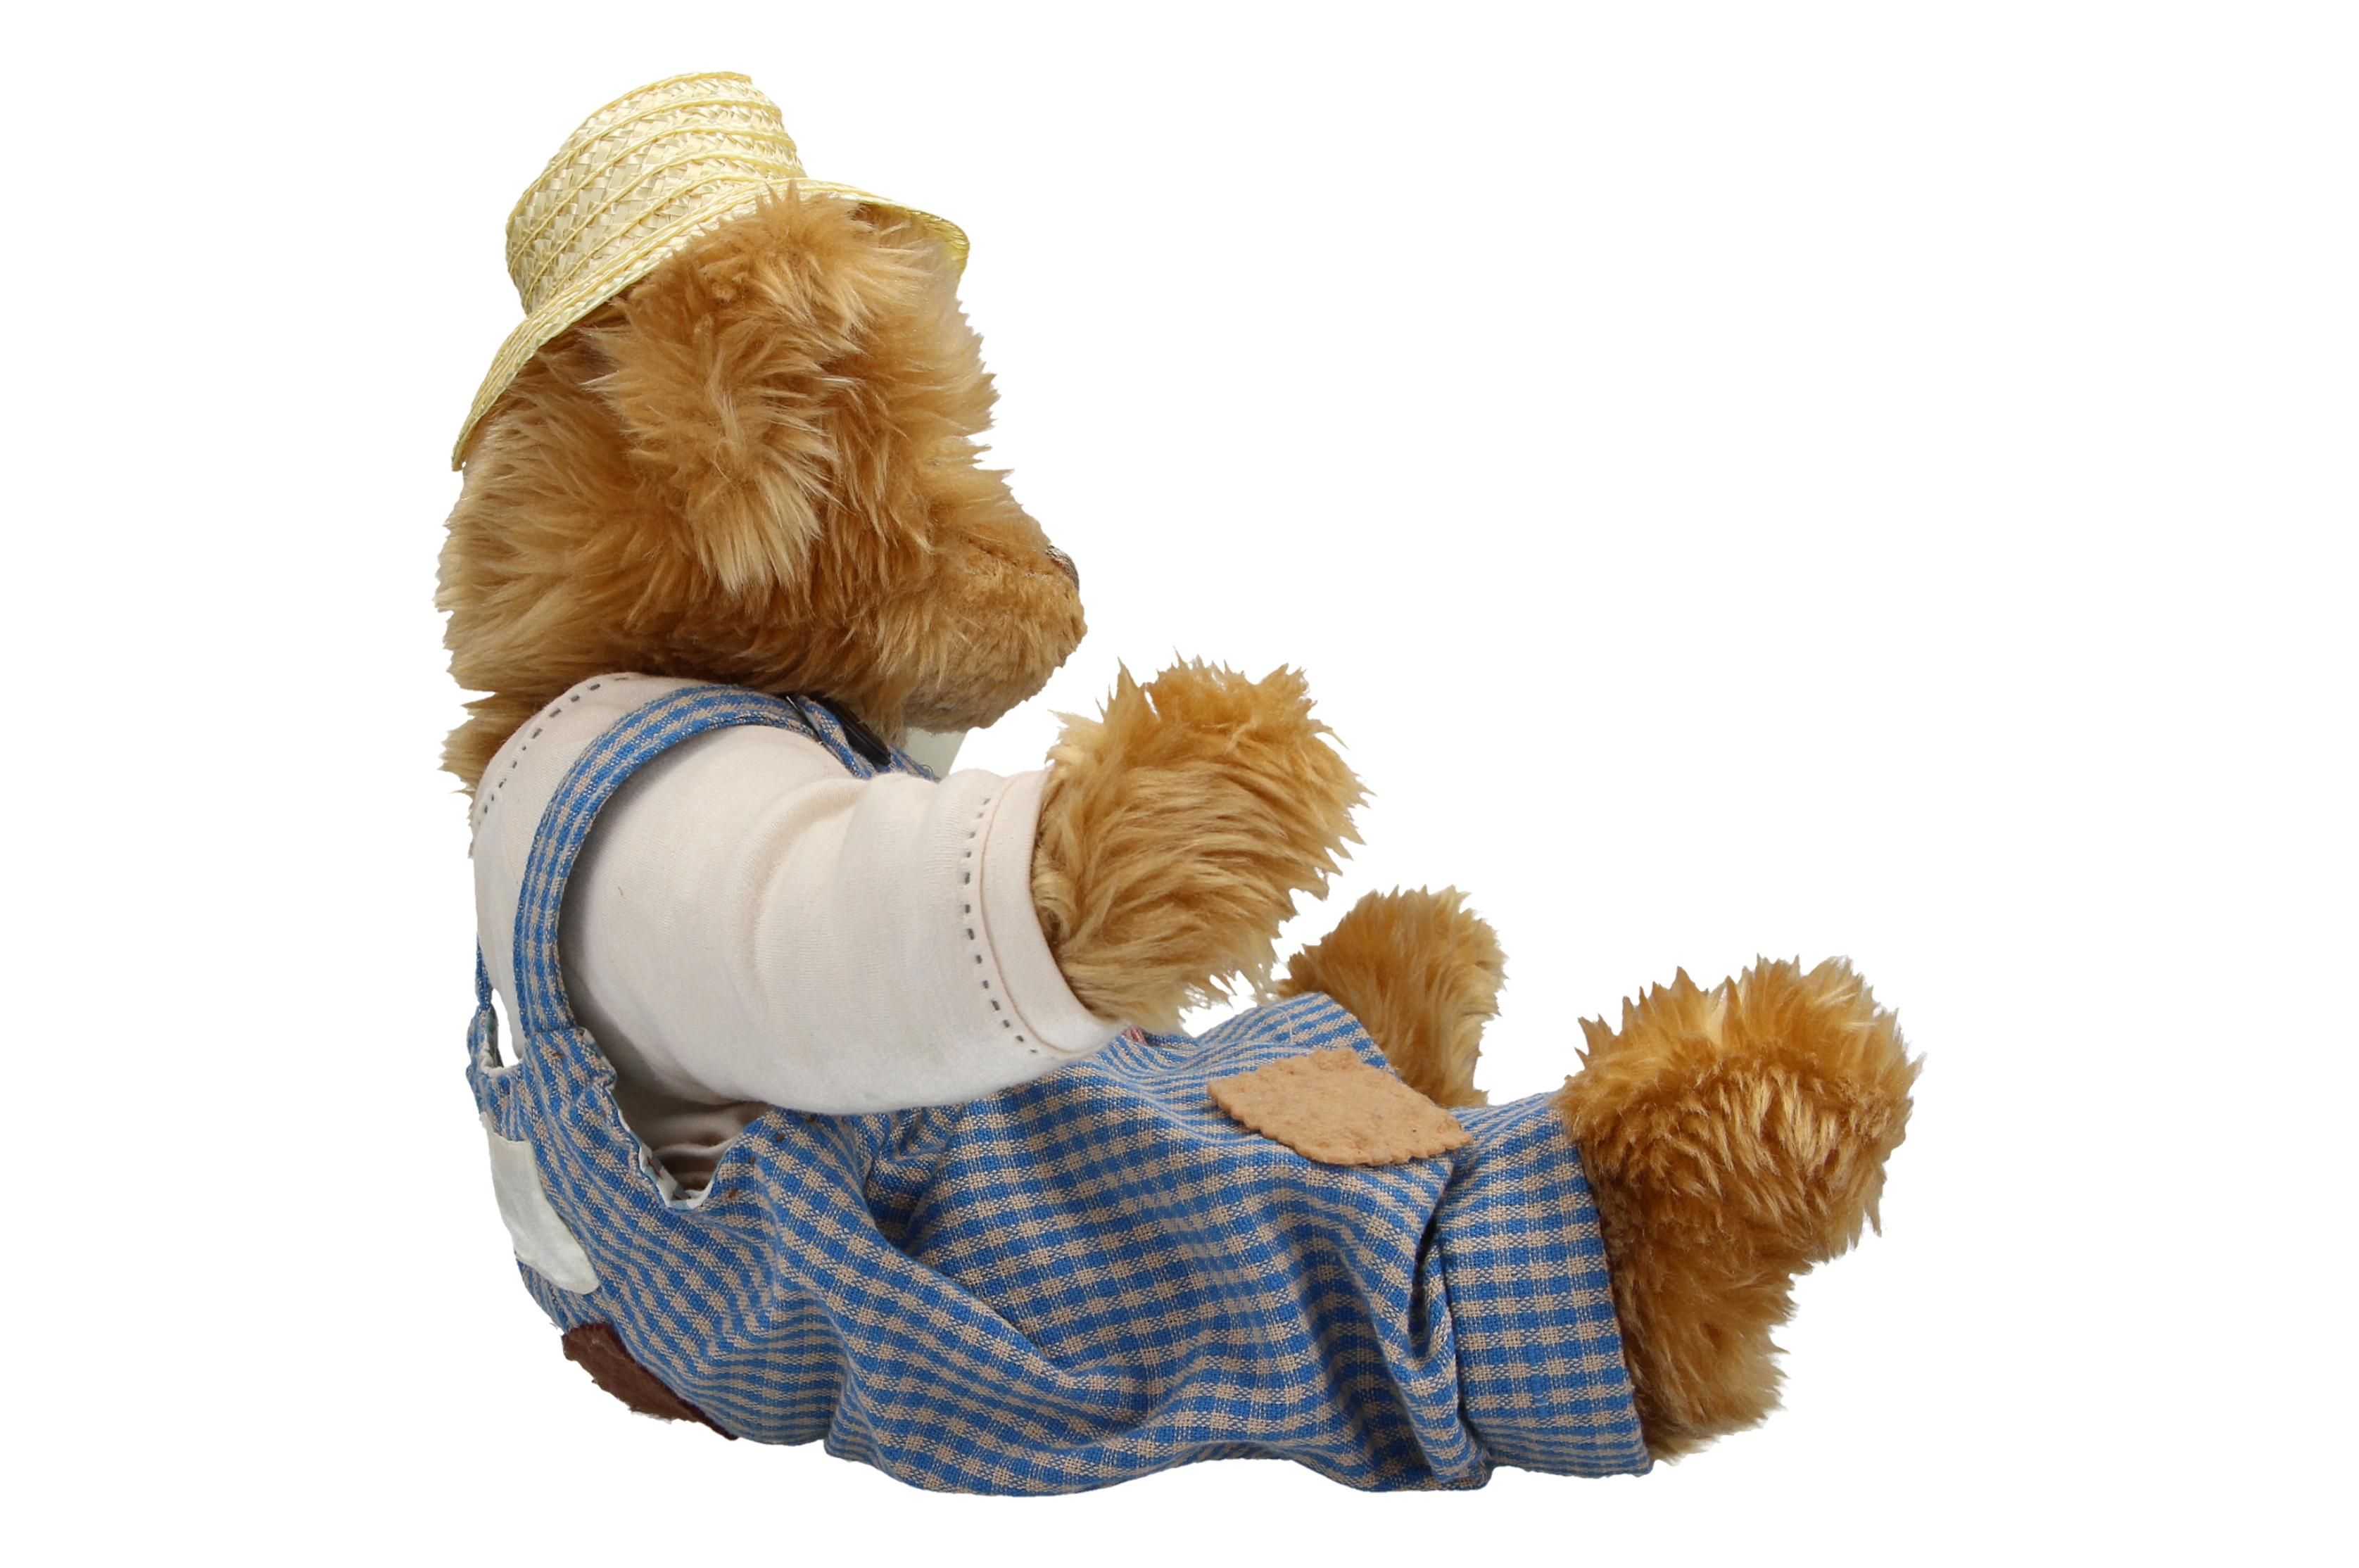 Details about A Hillbilly Bear Family Daddy Bear Teddy bear Lloyds pharmacy